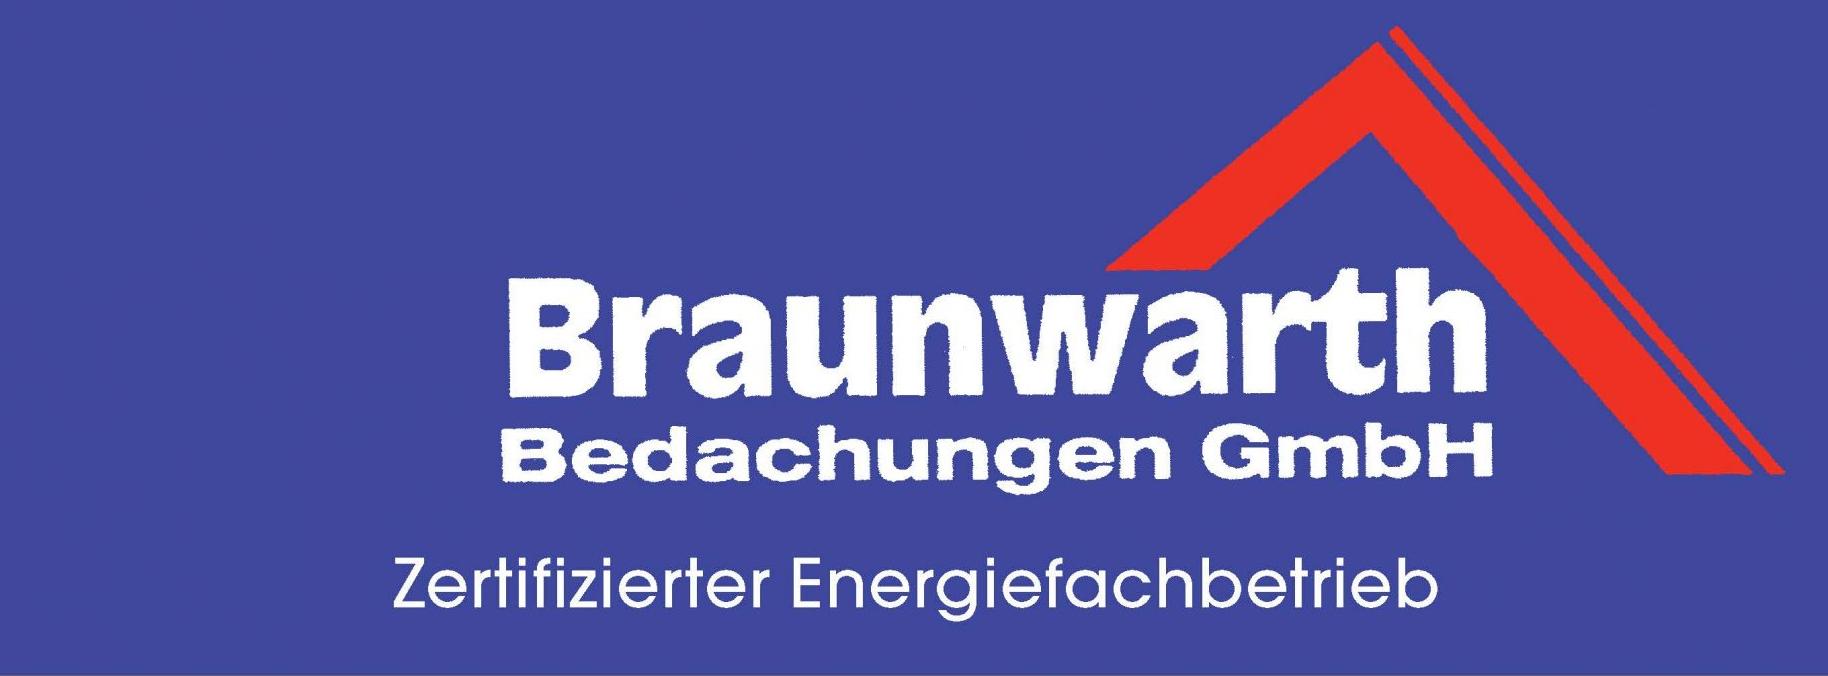 Unser Partner: Logo unseres Partners Braunwarth Bedachungen GmbH